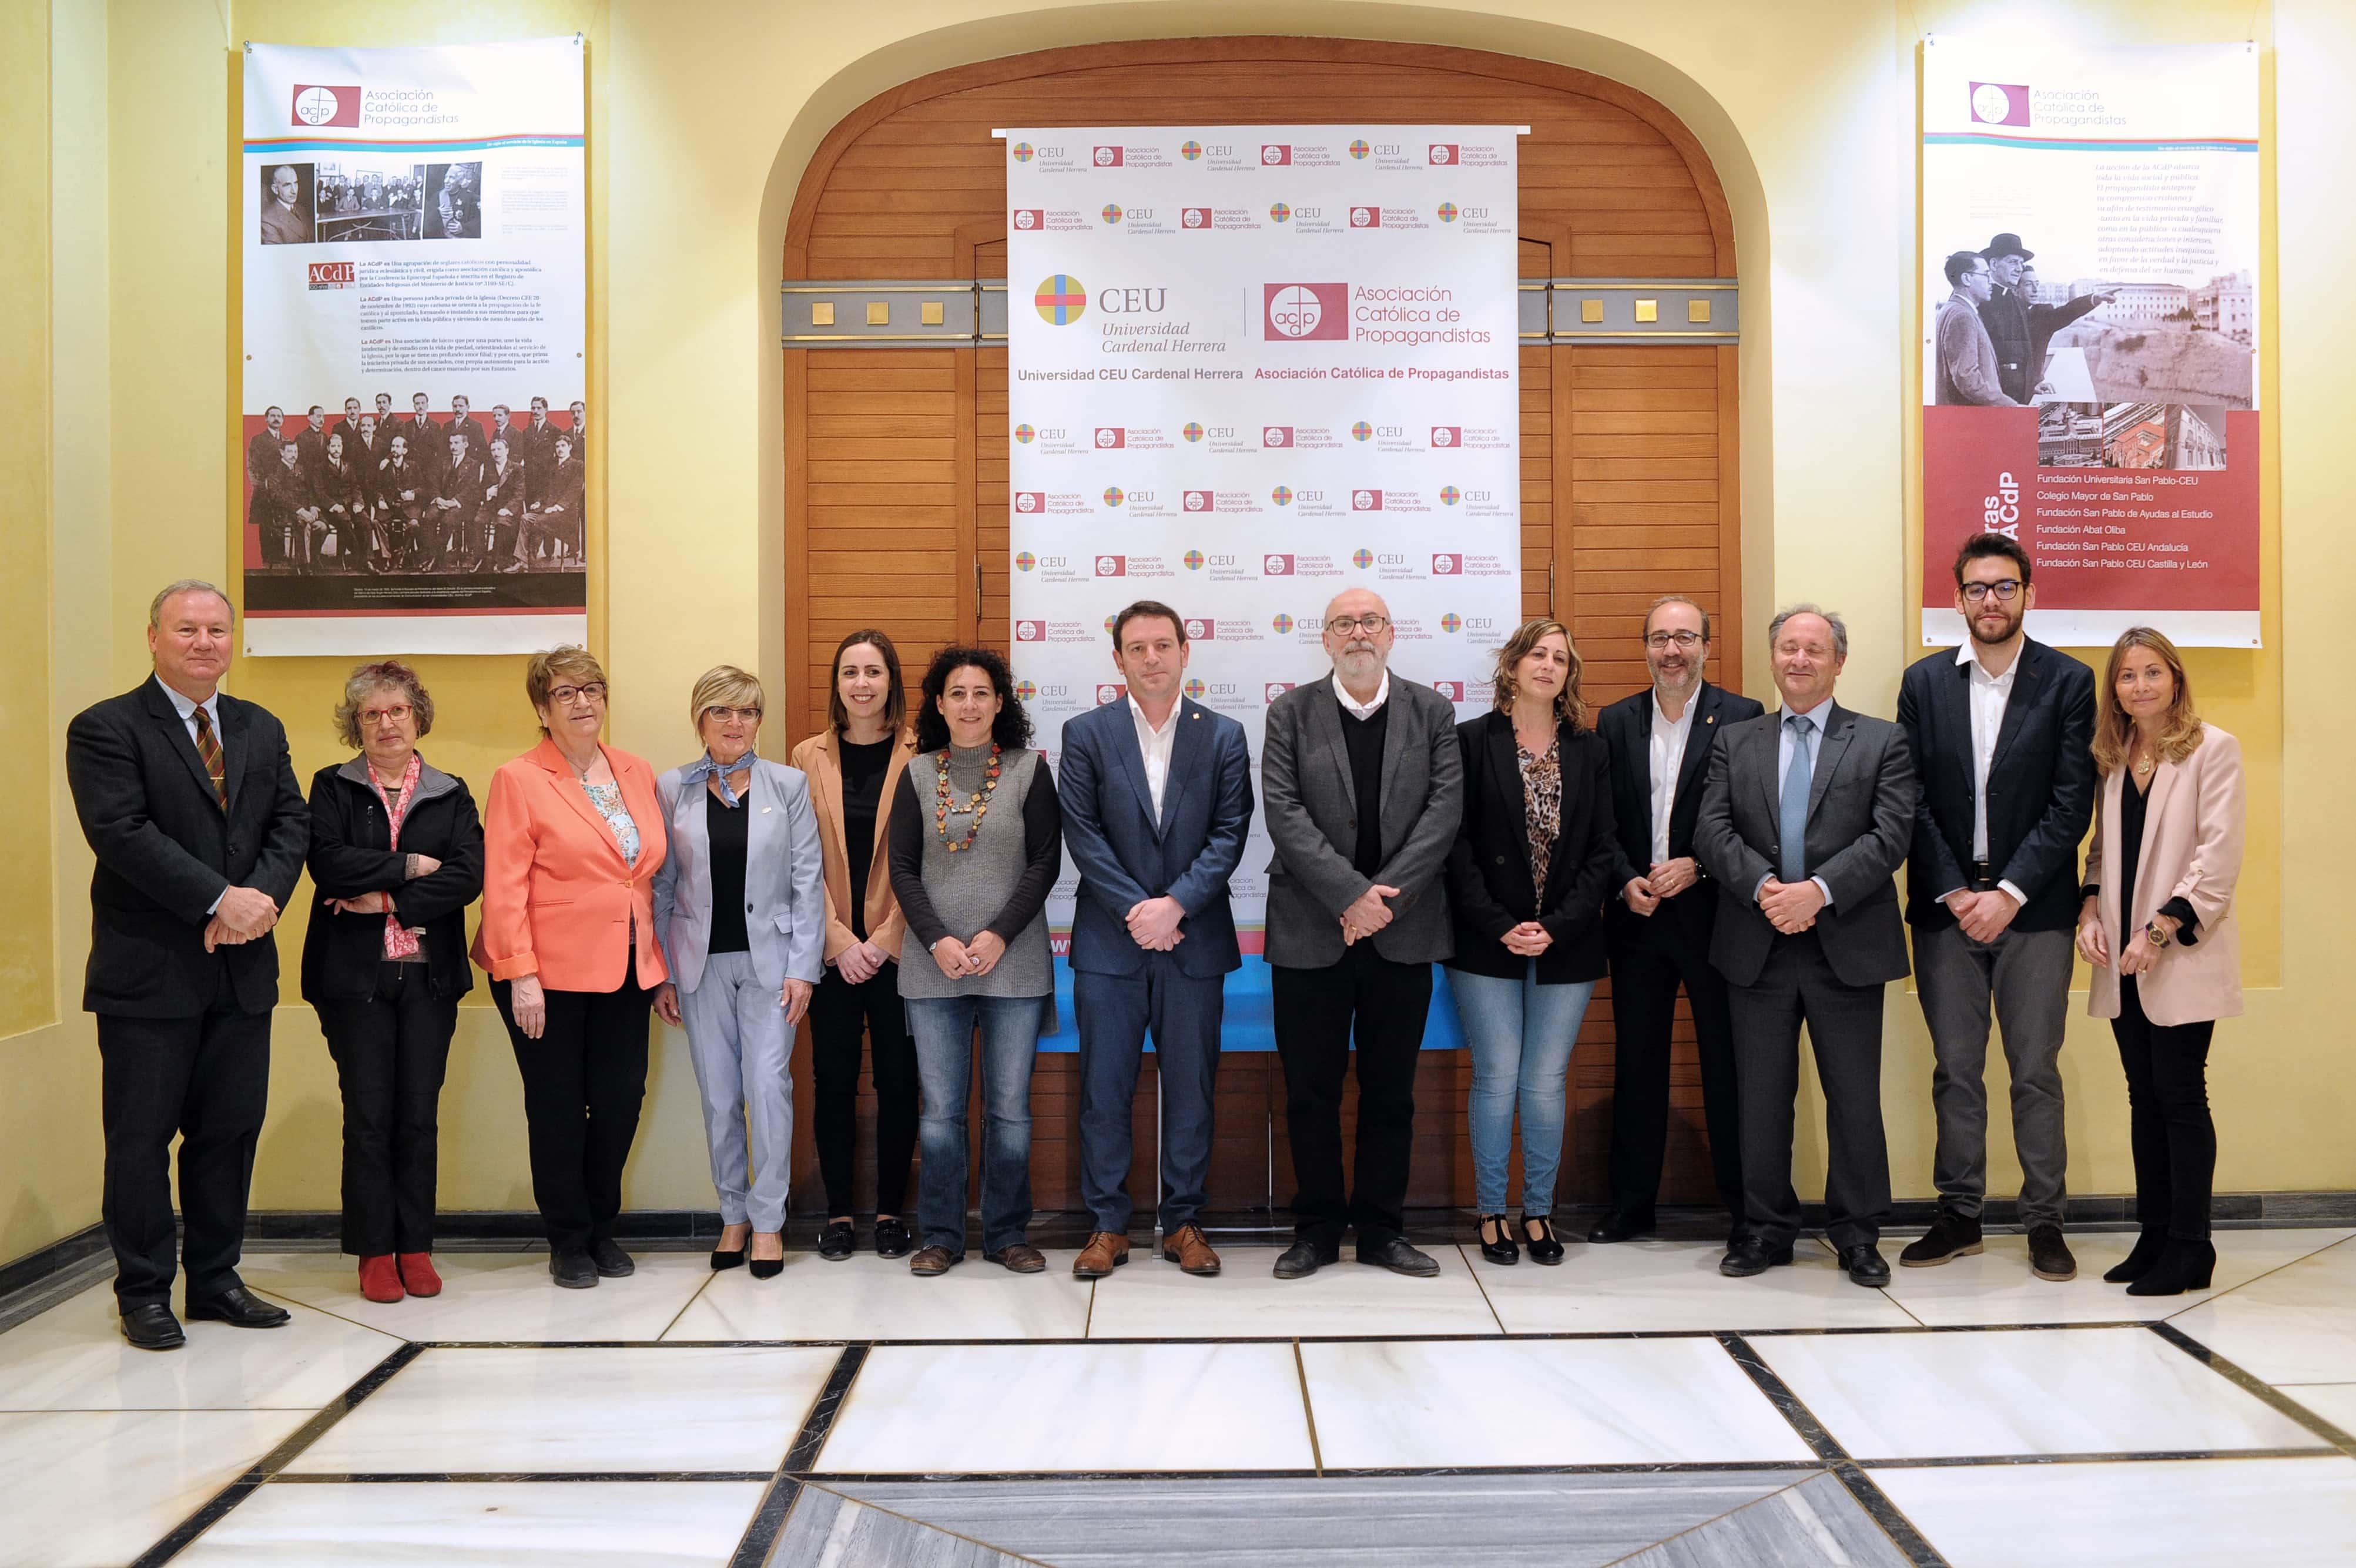 la-ceu-uch-y-la-autnoma-de-barcelona-premian-a-los-ayuntamientos-de-valencia-alzira-elche-y-castelln-por-la-transparencia-de-sus-webs-municipales_46676558105_o